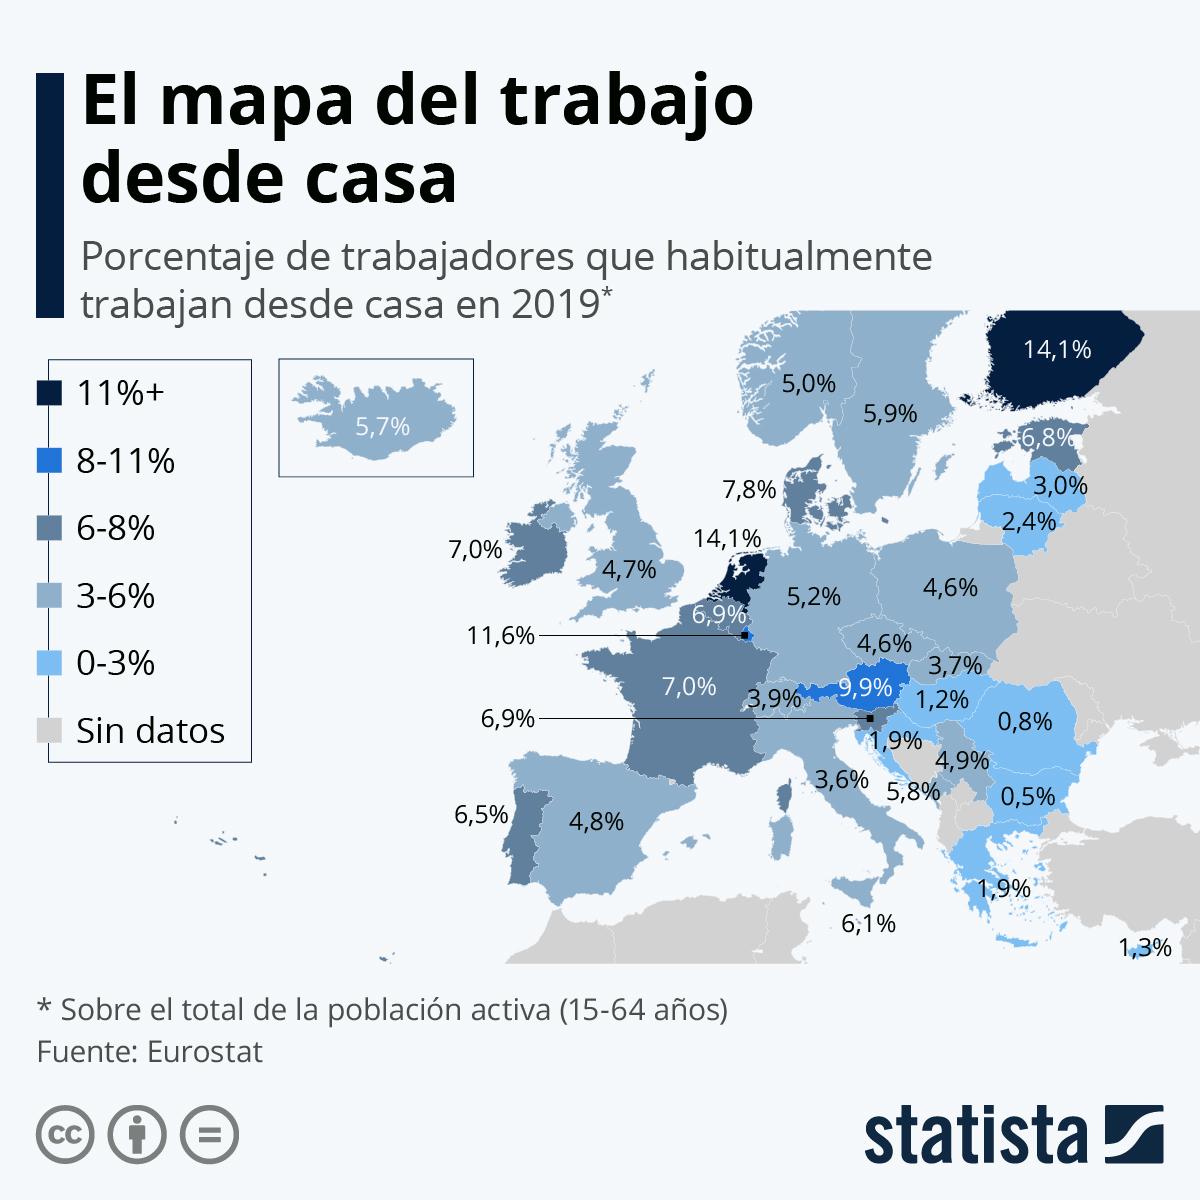 Mapa del teletrabajo en la Unión europea (2019) #infografia #infographic #rrhh